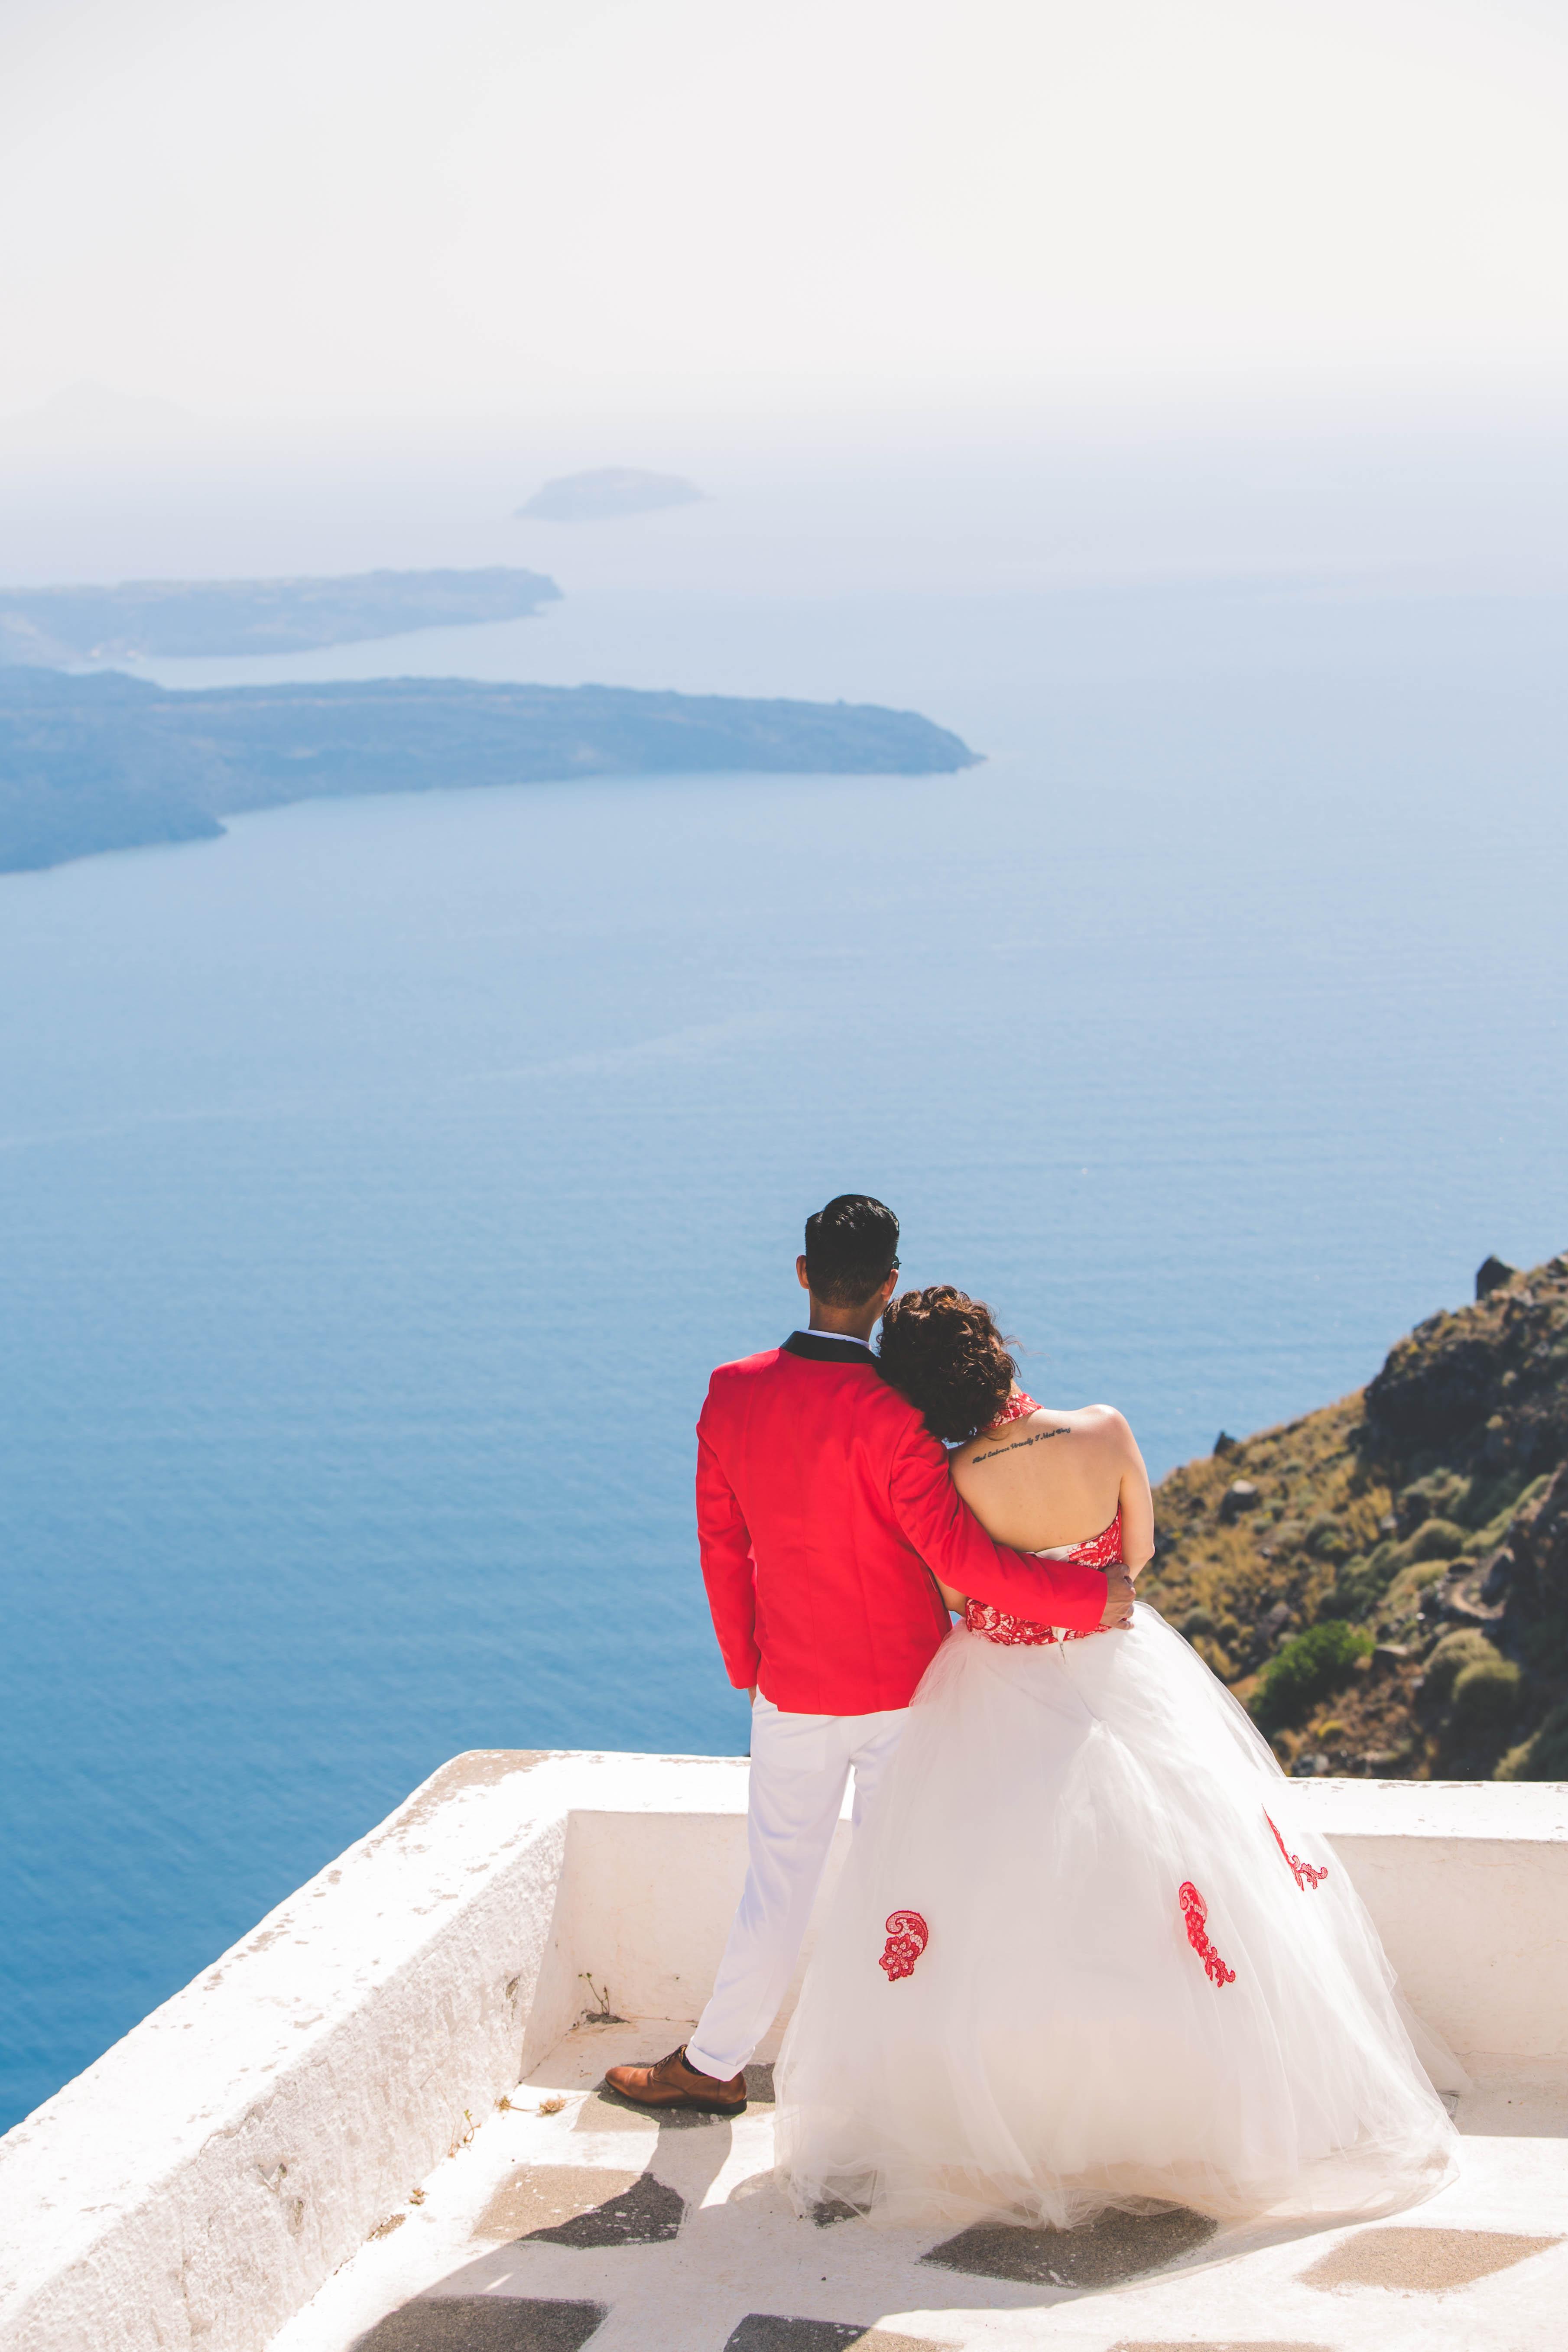 Fotos Casamento em Santorini 20